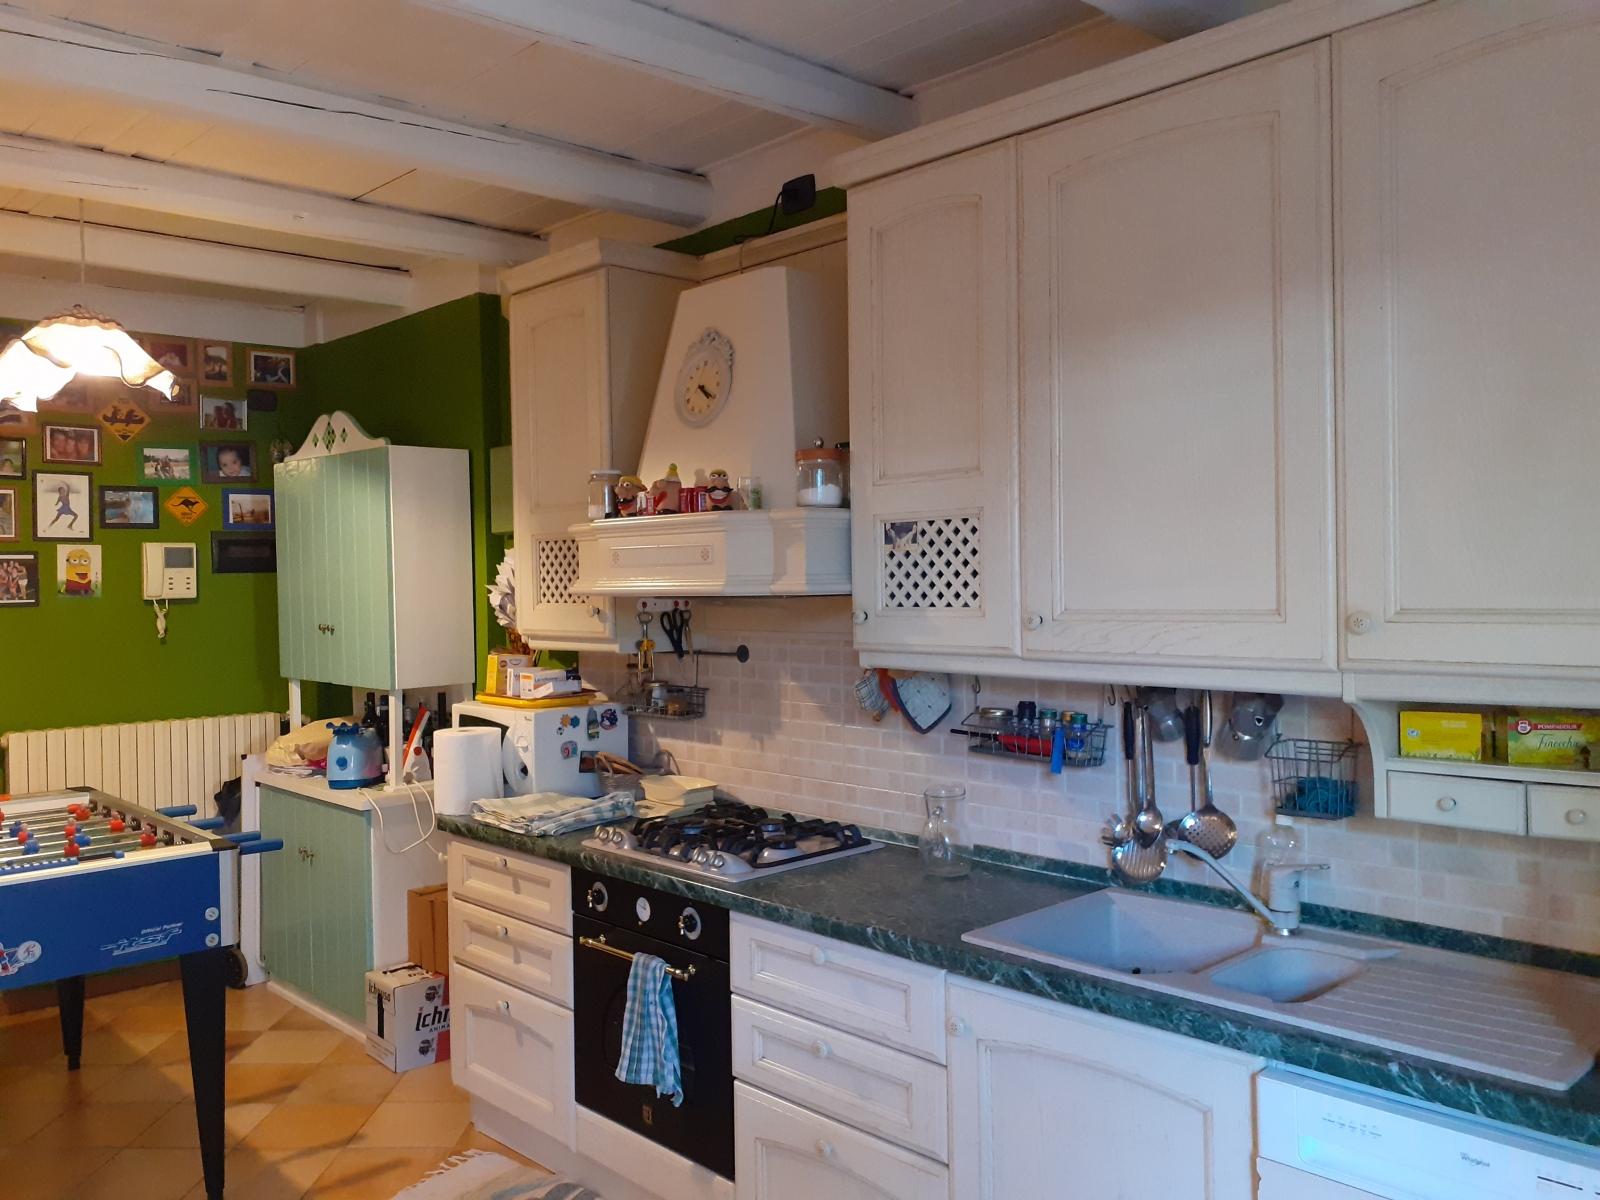 appartamento-in-vendita-cesano-boscone-milano-spaziourbano-immobiliare-vende-5